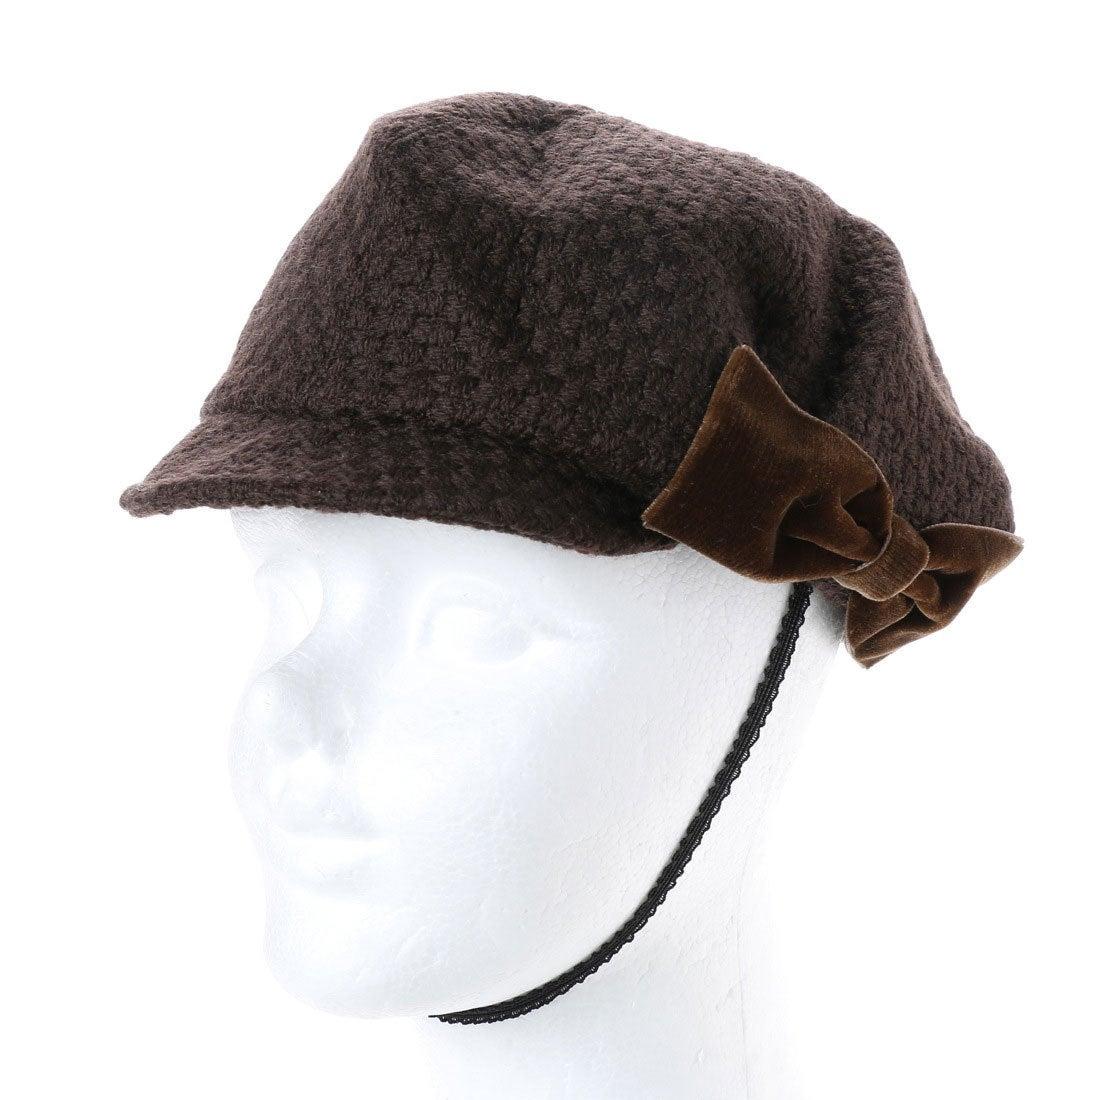 【SALE 70%OFF】セレク コレクション CELEC COLLECTION りぼんキャスケット帽子 (ブラウン)